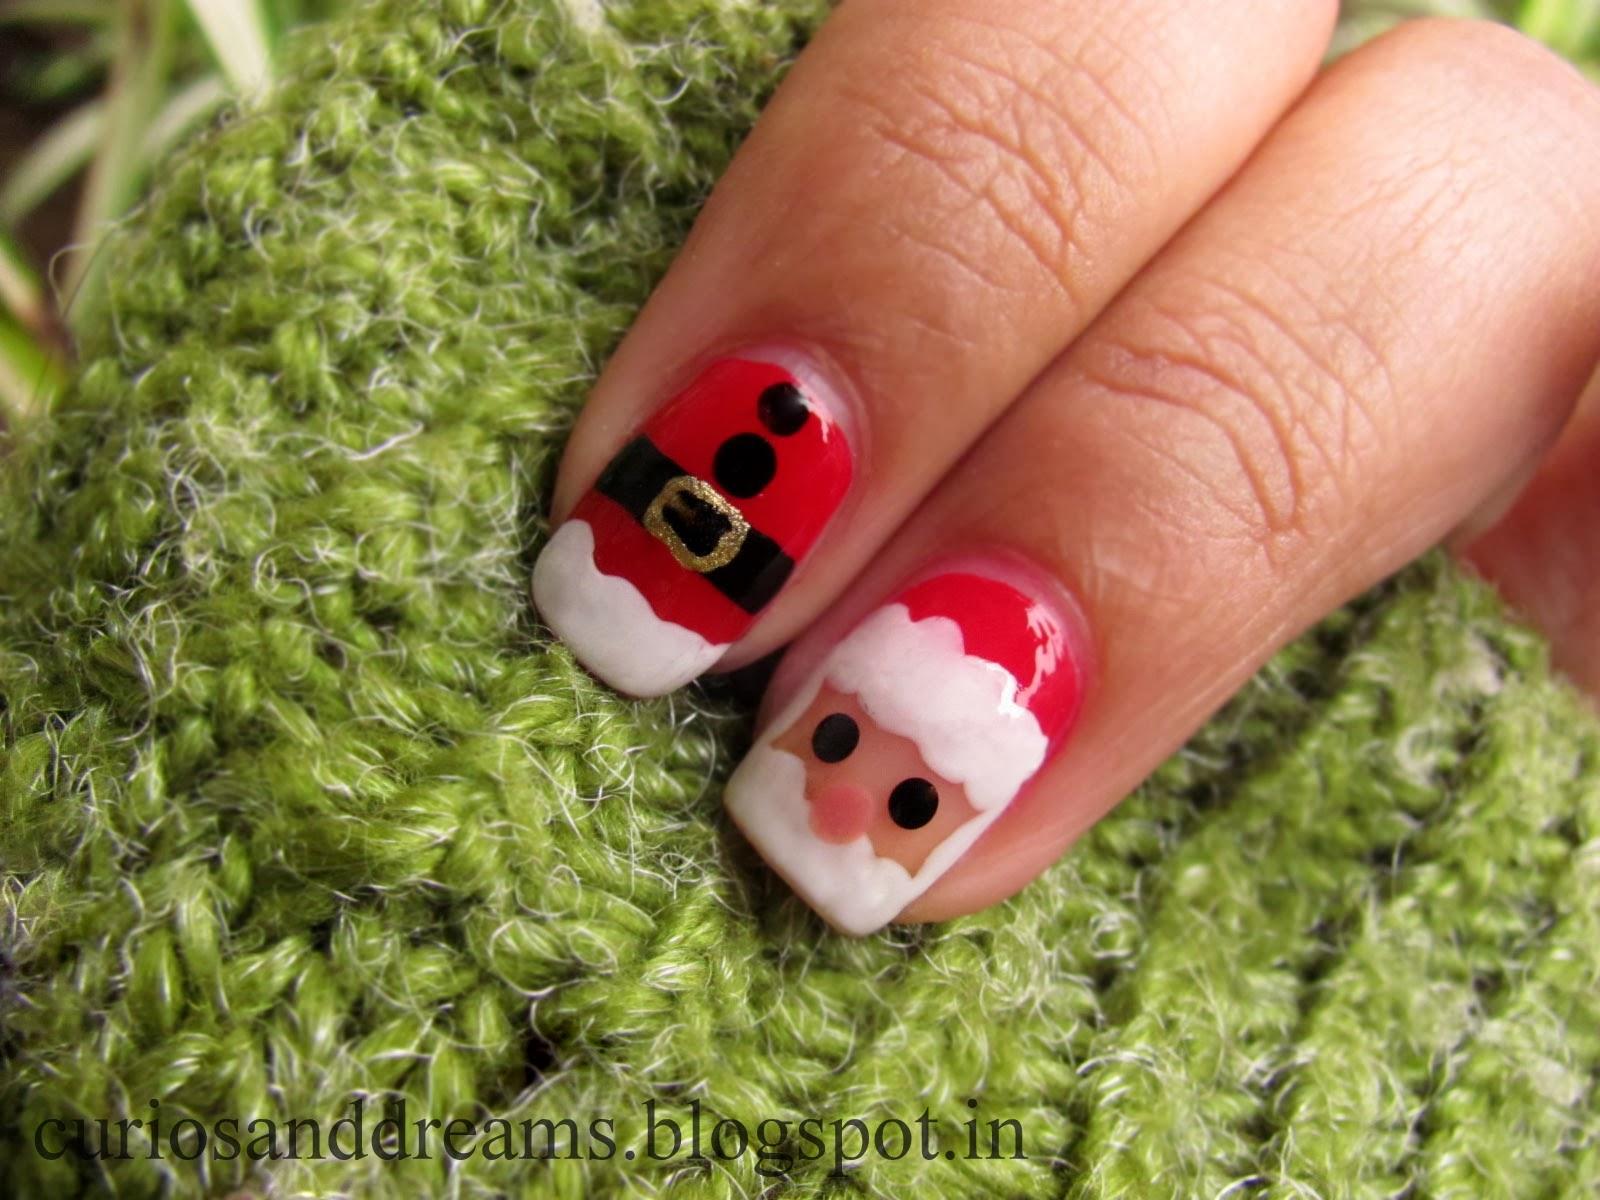 Chirstmas Nail Art designs, Santa nail art